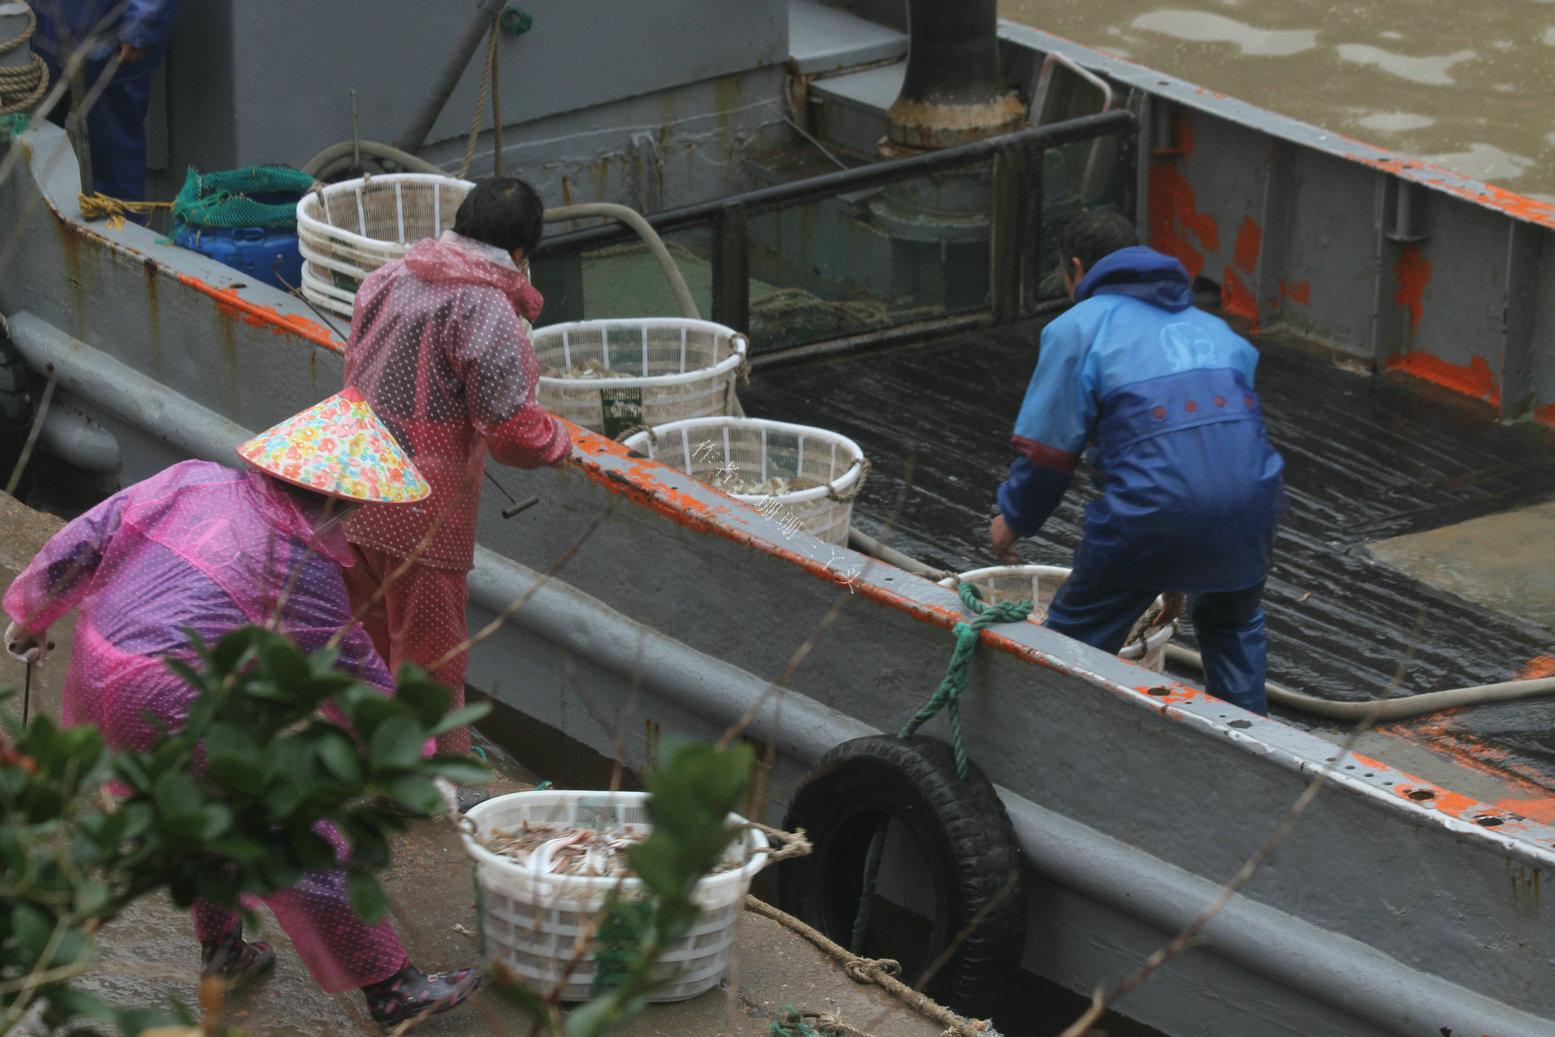 """浙江台州椒江区唯一的镇,只能依靠""""坐船""""才能到达,保留原生态"""